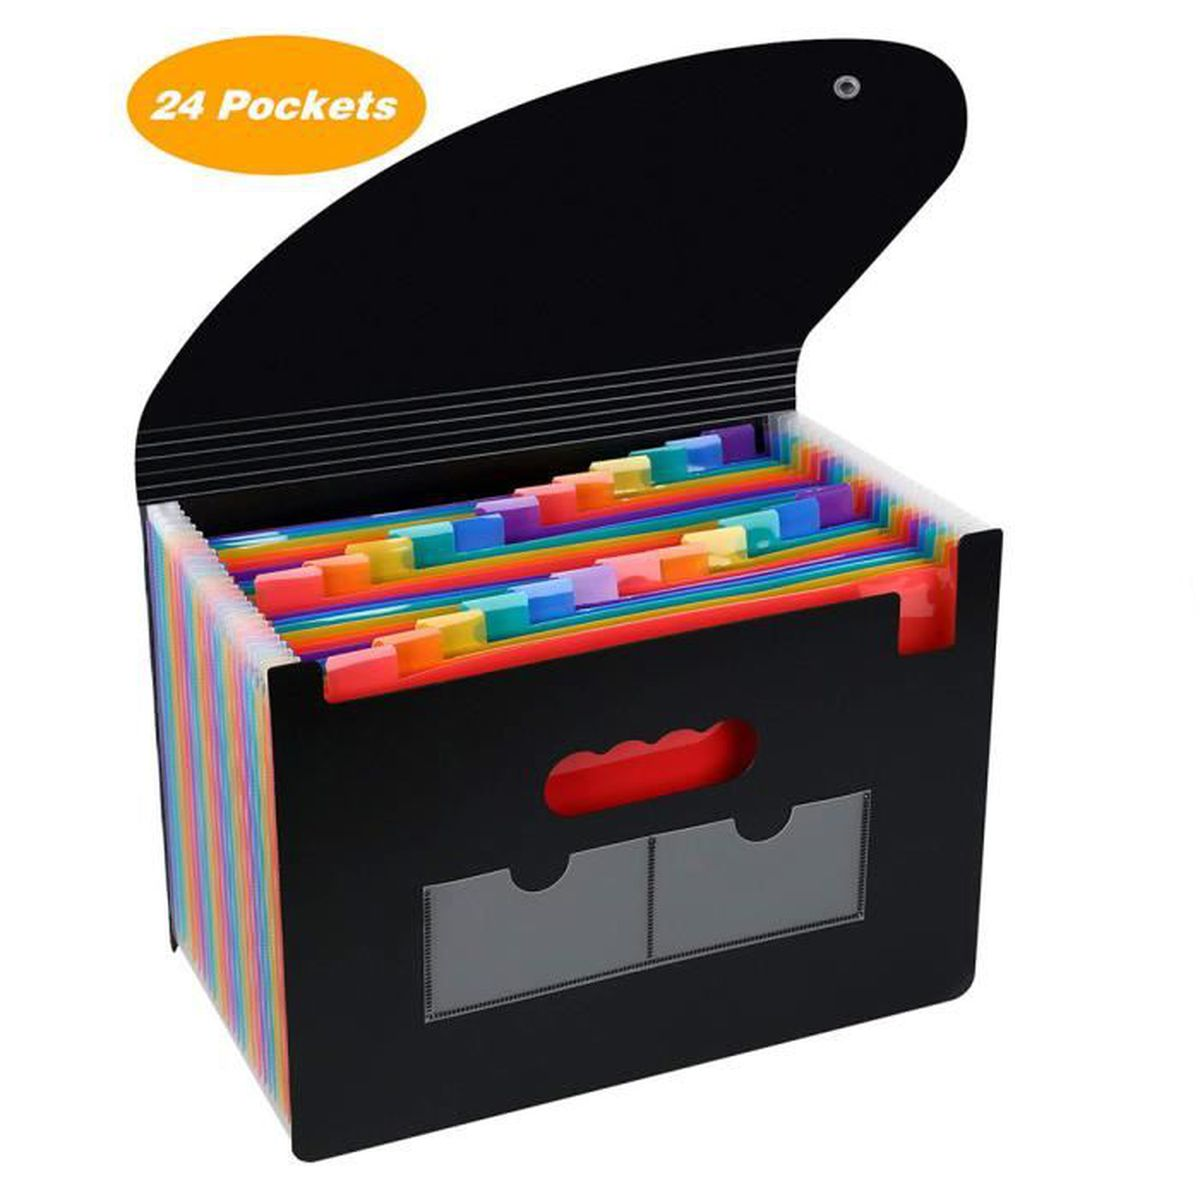 LOETAD Trieur /à Soufflets Classeur Rangement Papier Chemise Trieur Plastique A4 Documents Extensible Avec Fermeture /à L/élastique 12 Compartiments